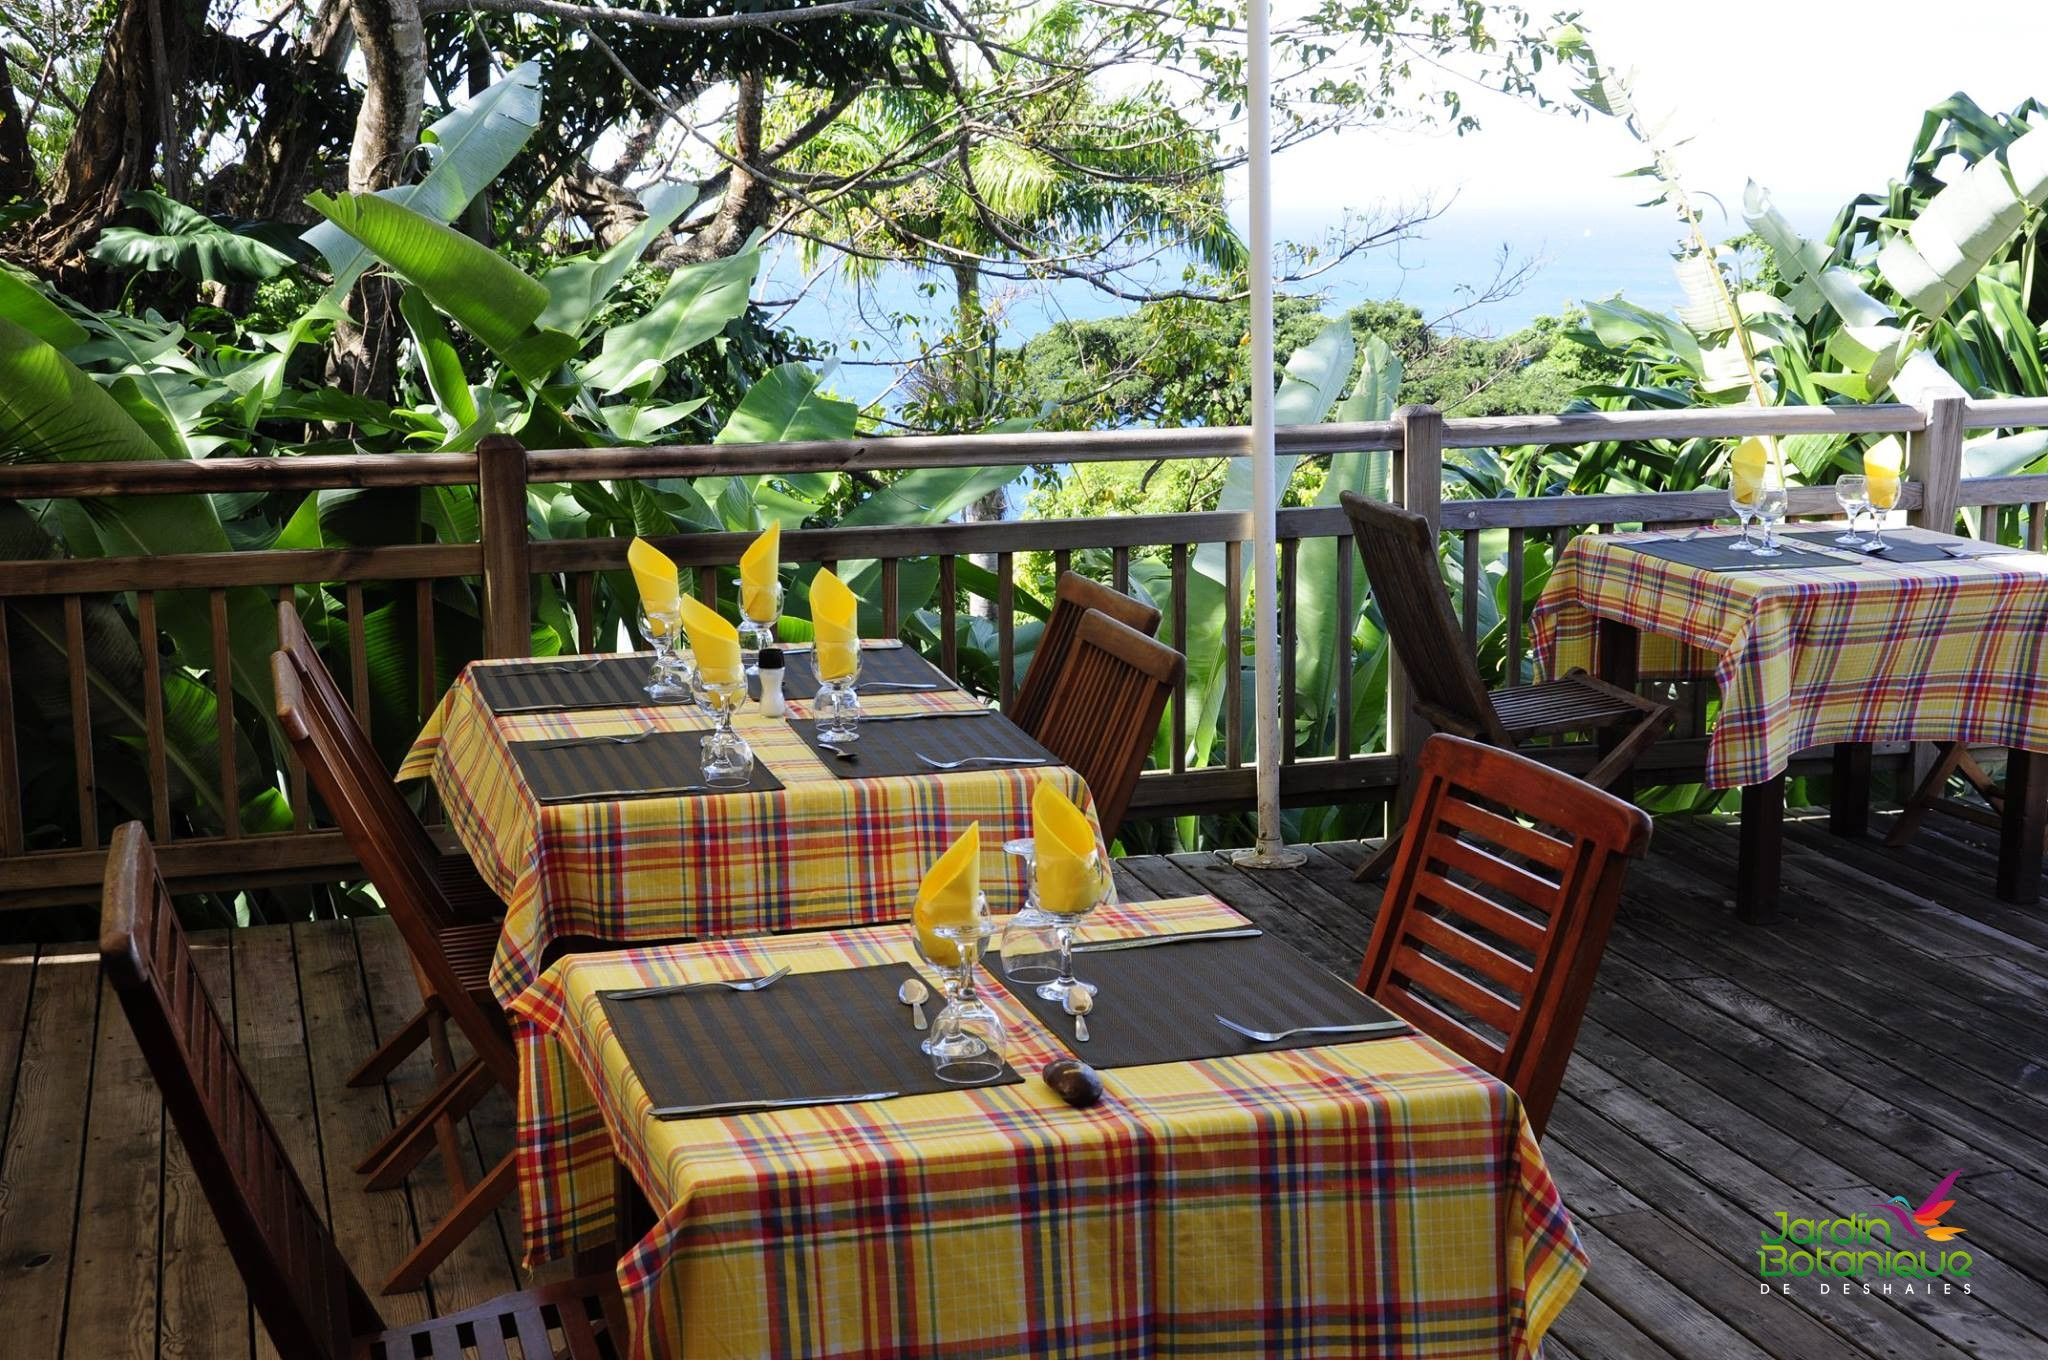 Restaurant panoramique du jardin botanique de Deshaies